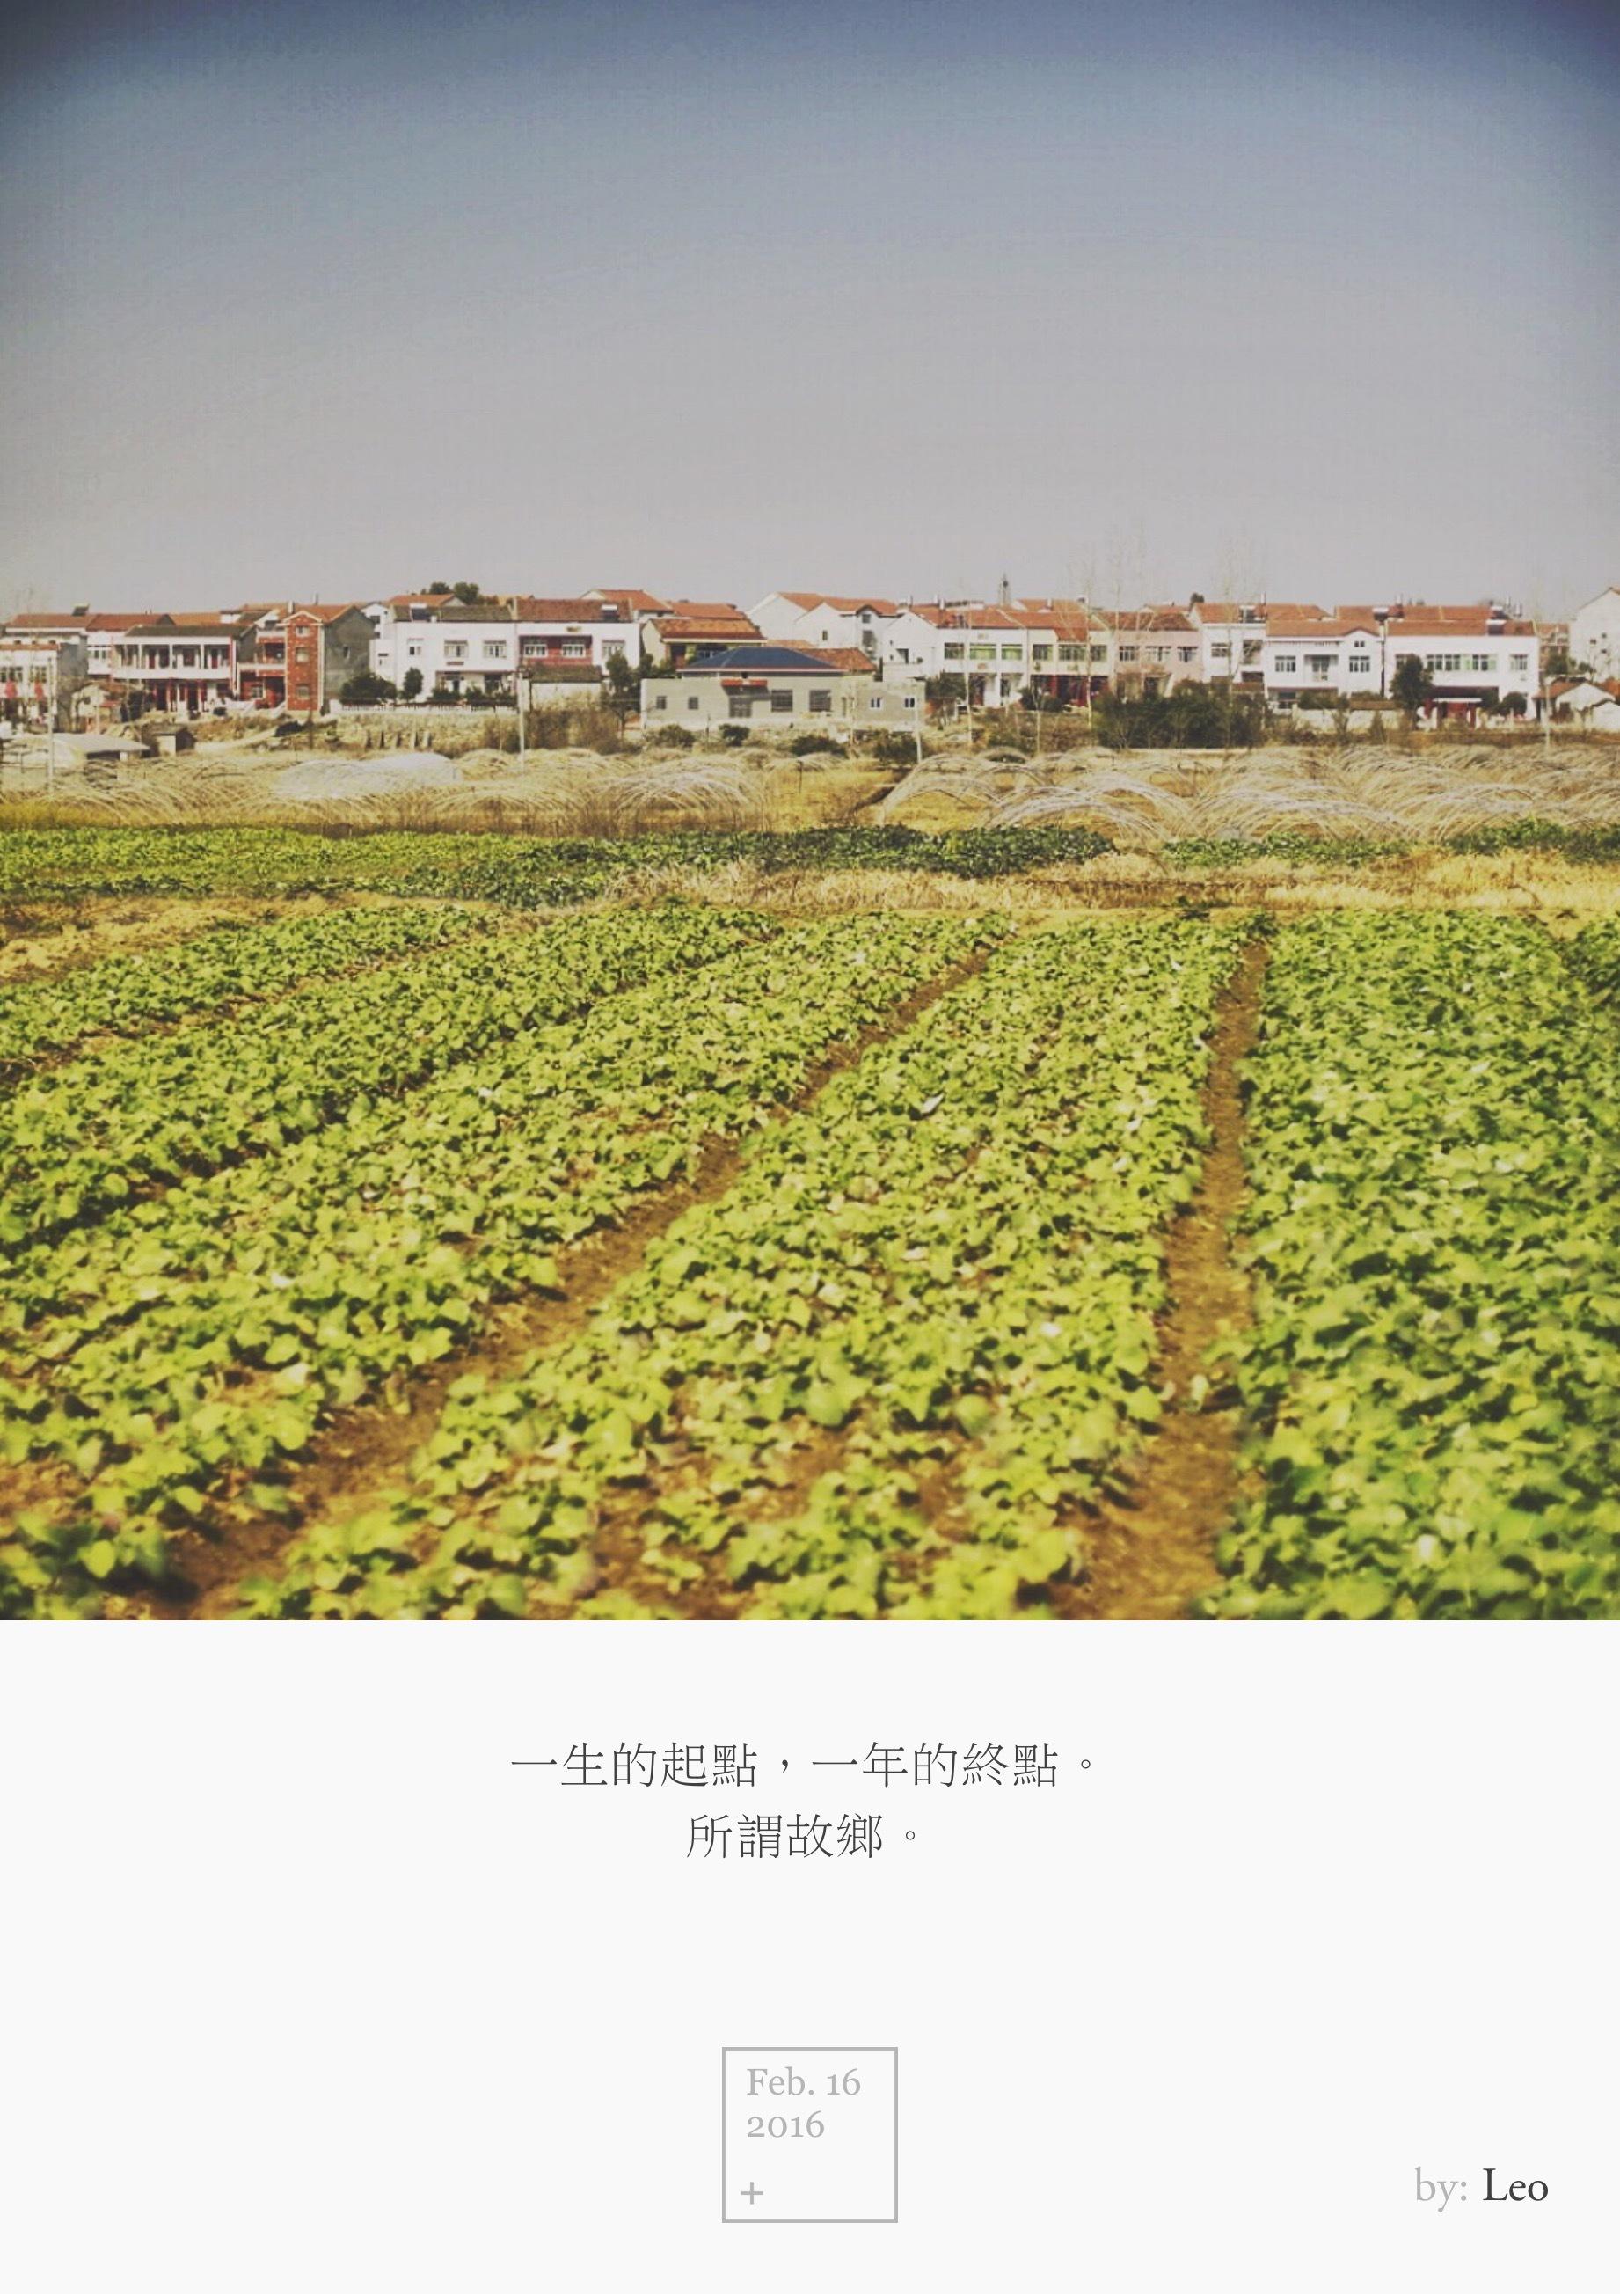 乡村油菜花